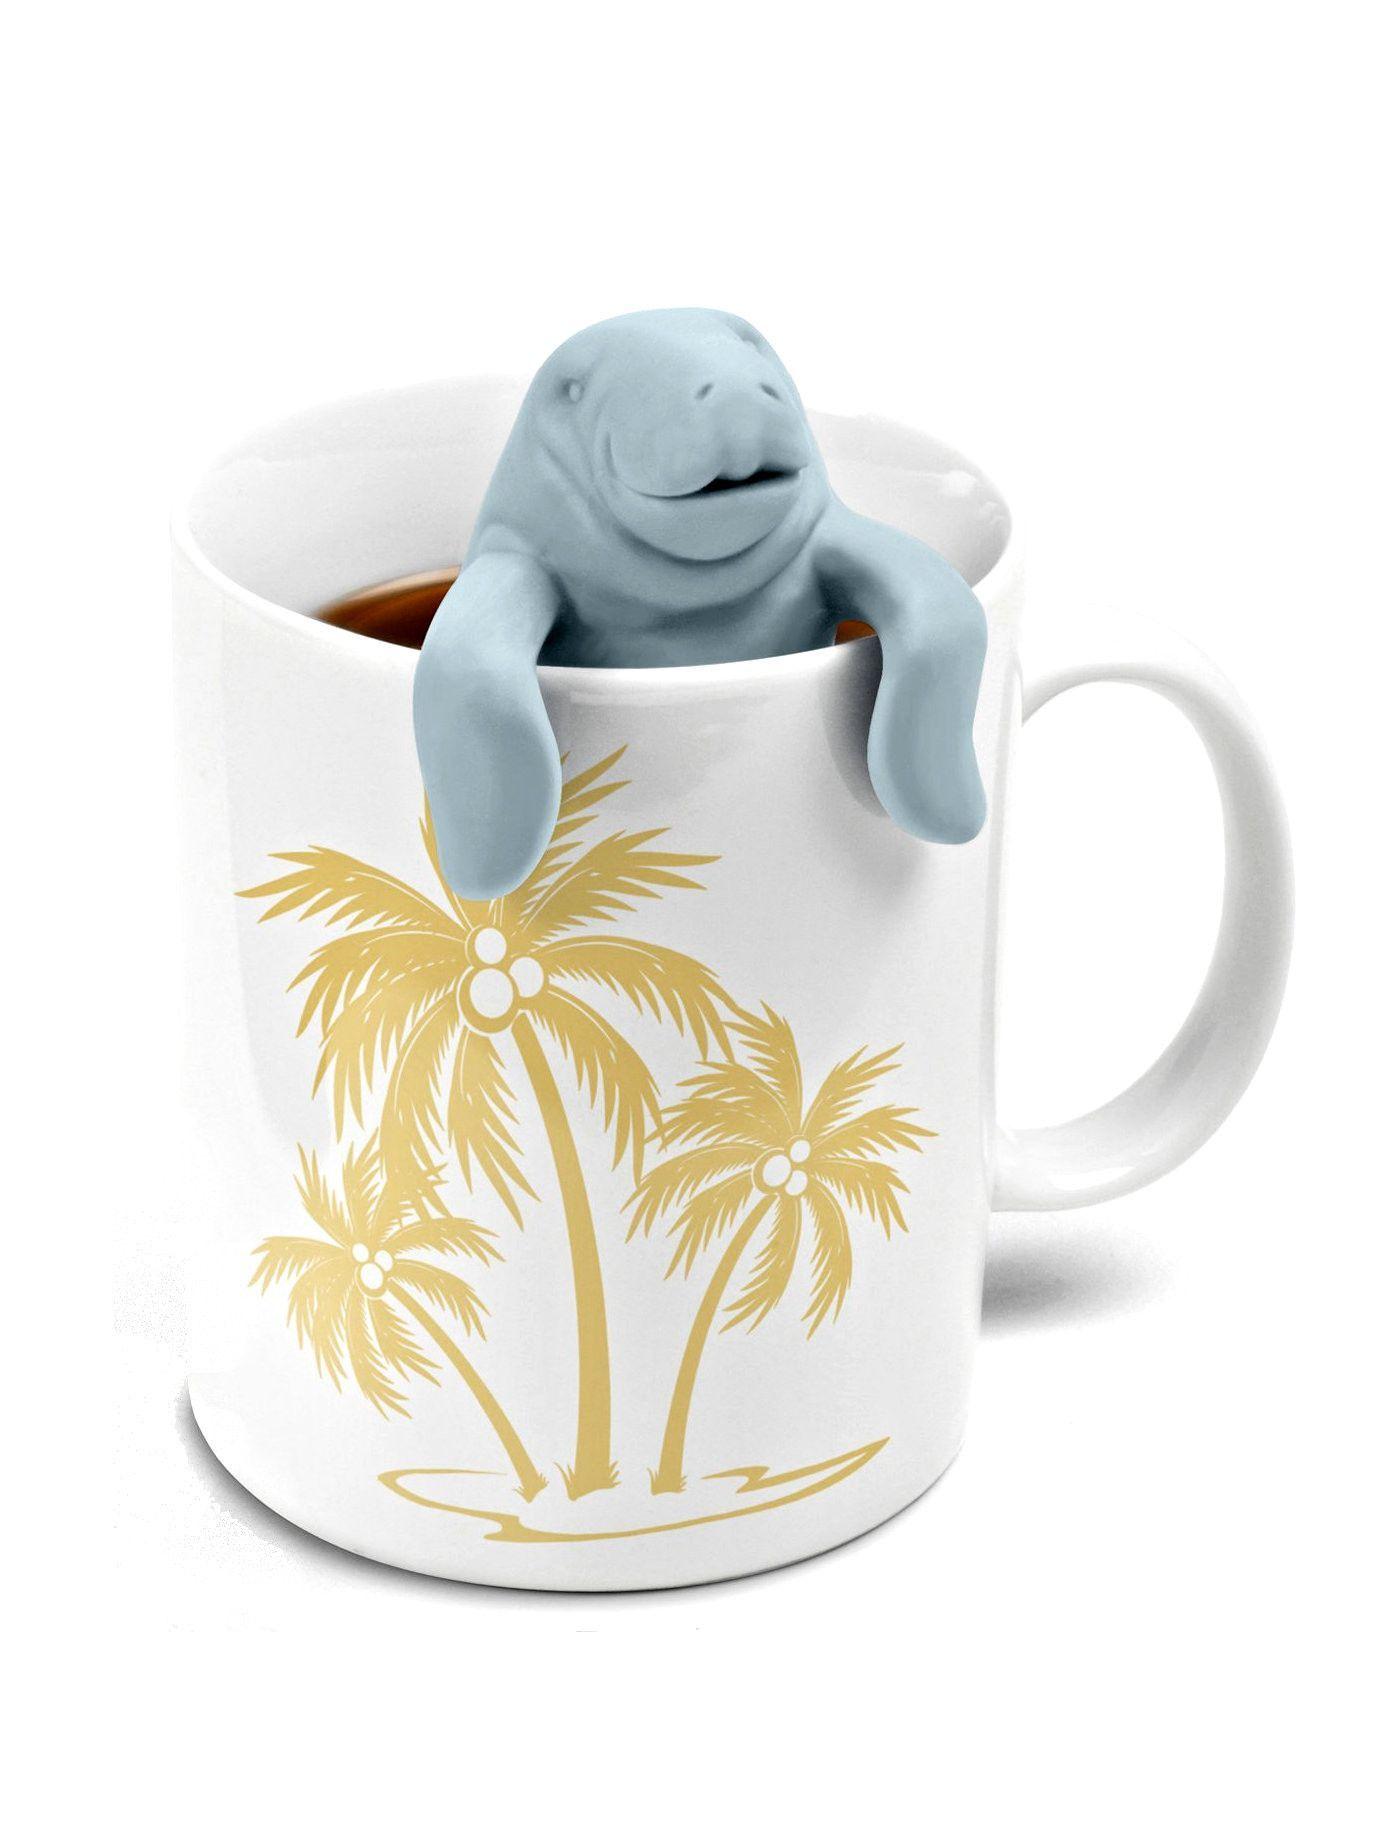 Clay Company Tea Twig for Loose Tea Dragonfly Loose tea